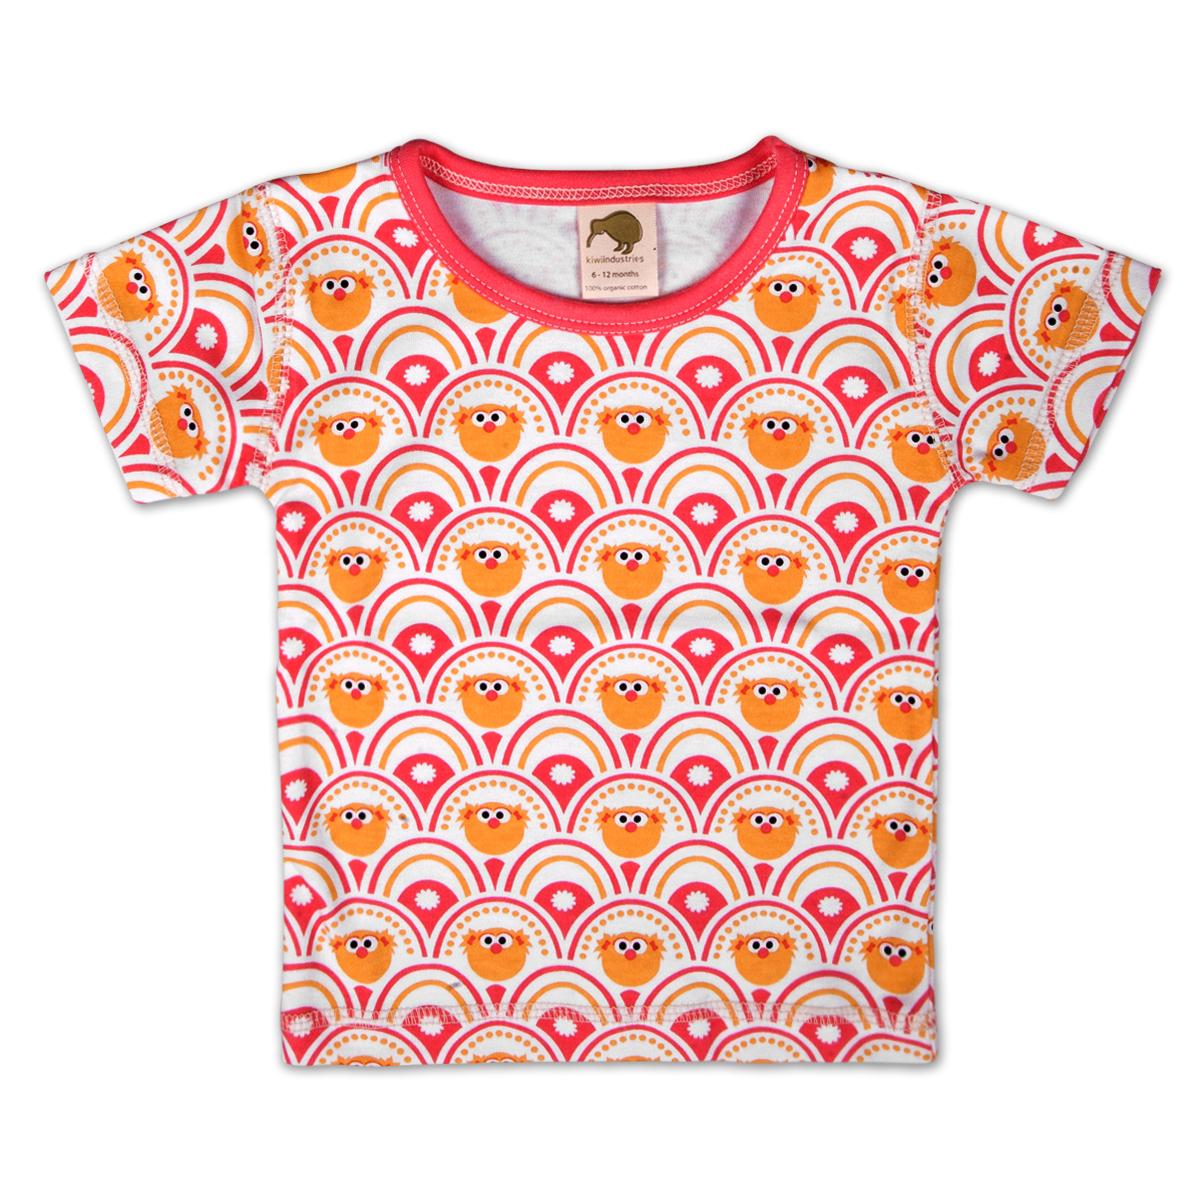 Zoe Blossoms Infant T-shirt